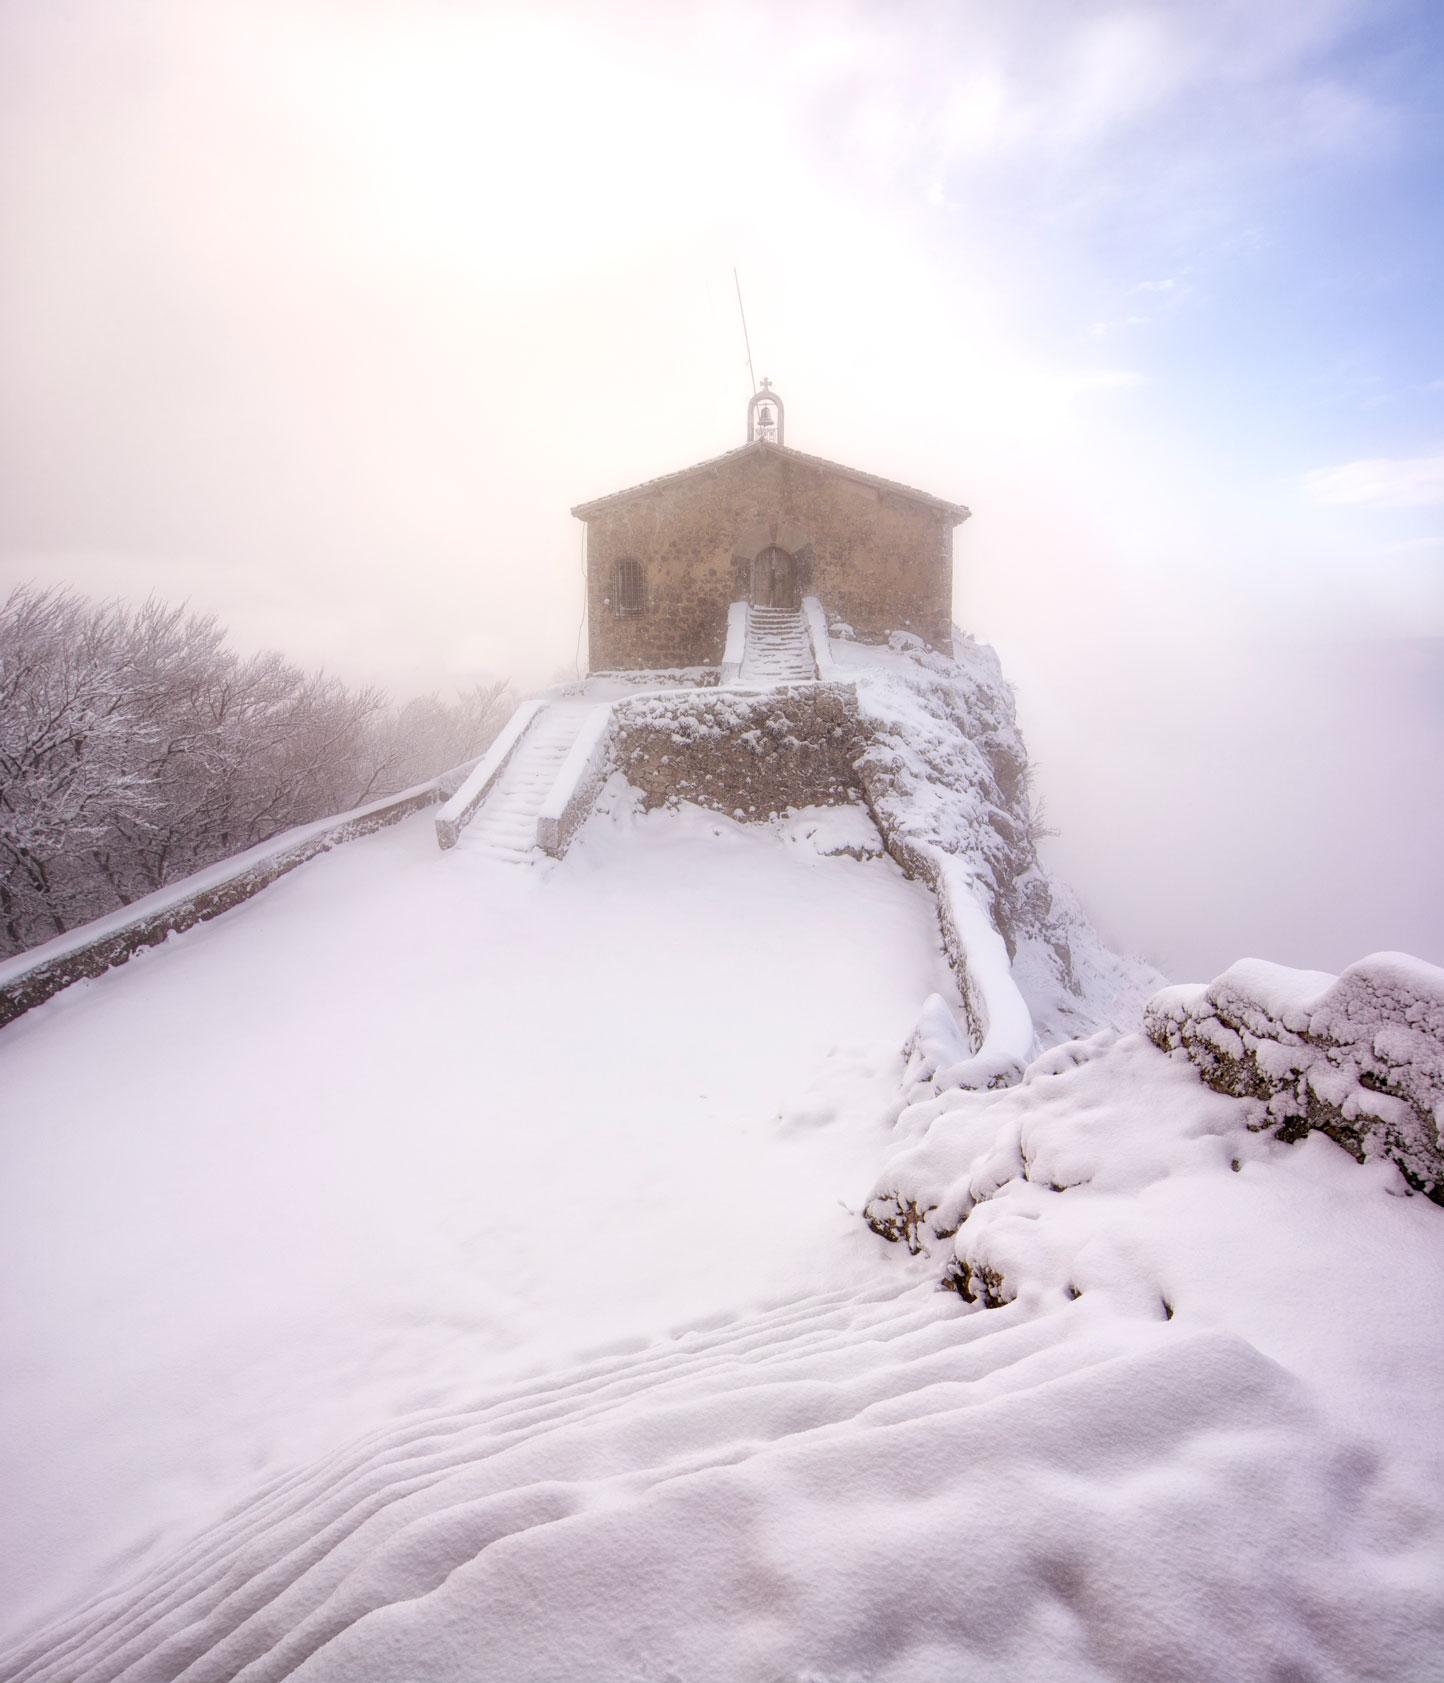 Trinidad de Erga - Archivo - Iñaki Larrea, Fotografía de naturaleza y montaña